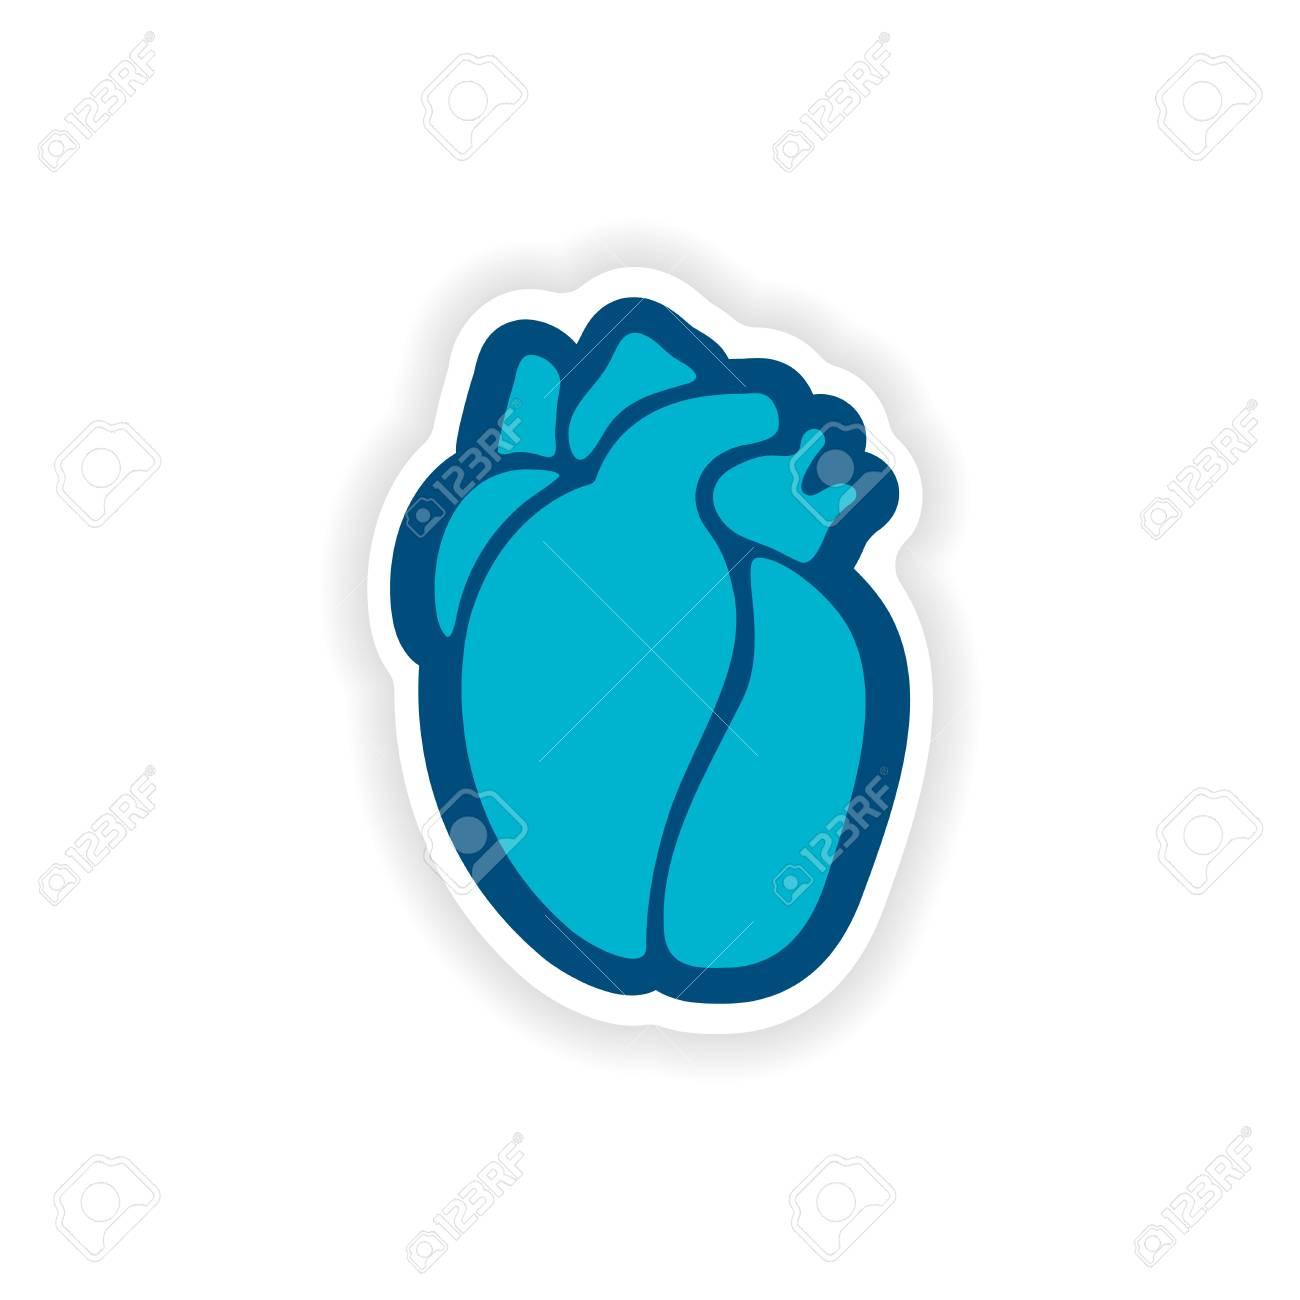 Etiqueta Engomada De Papel En El Fondo Blanco Corazón Humano ...